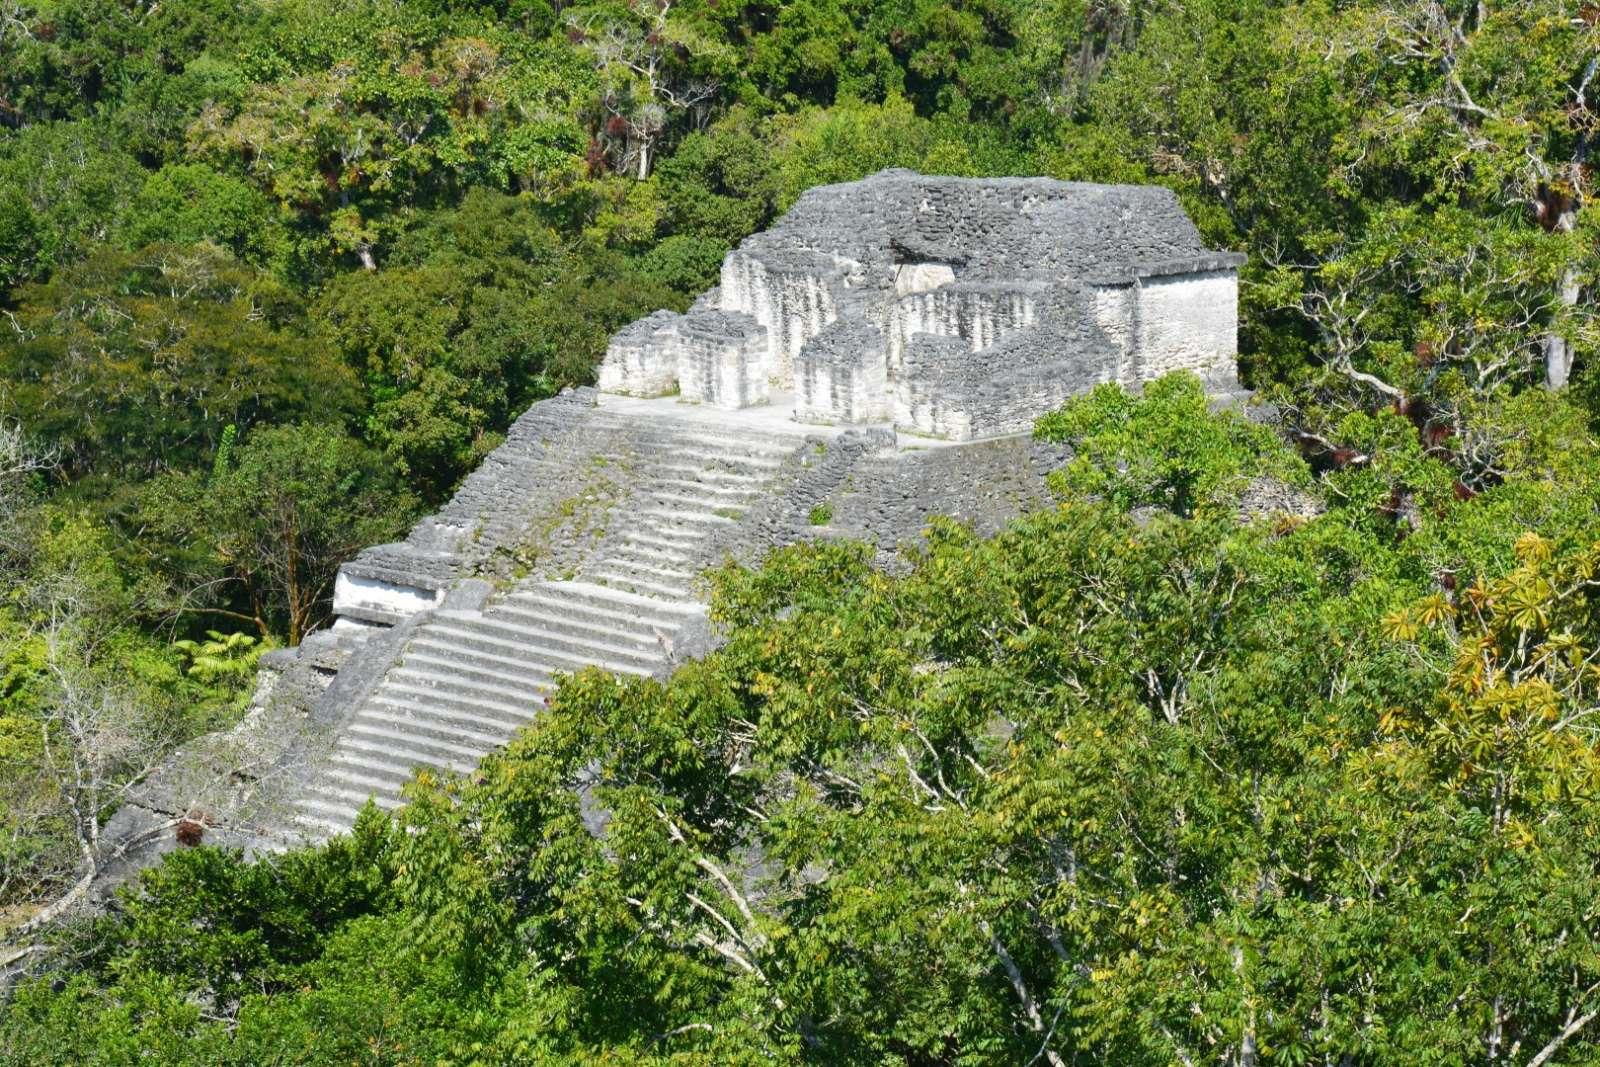 Mayan pyramid at Tikal, Guatemala